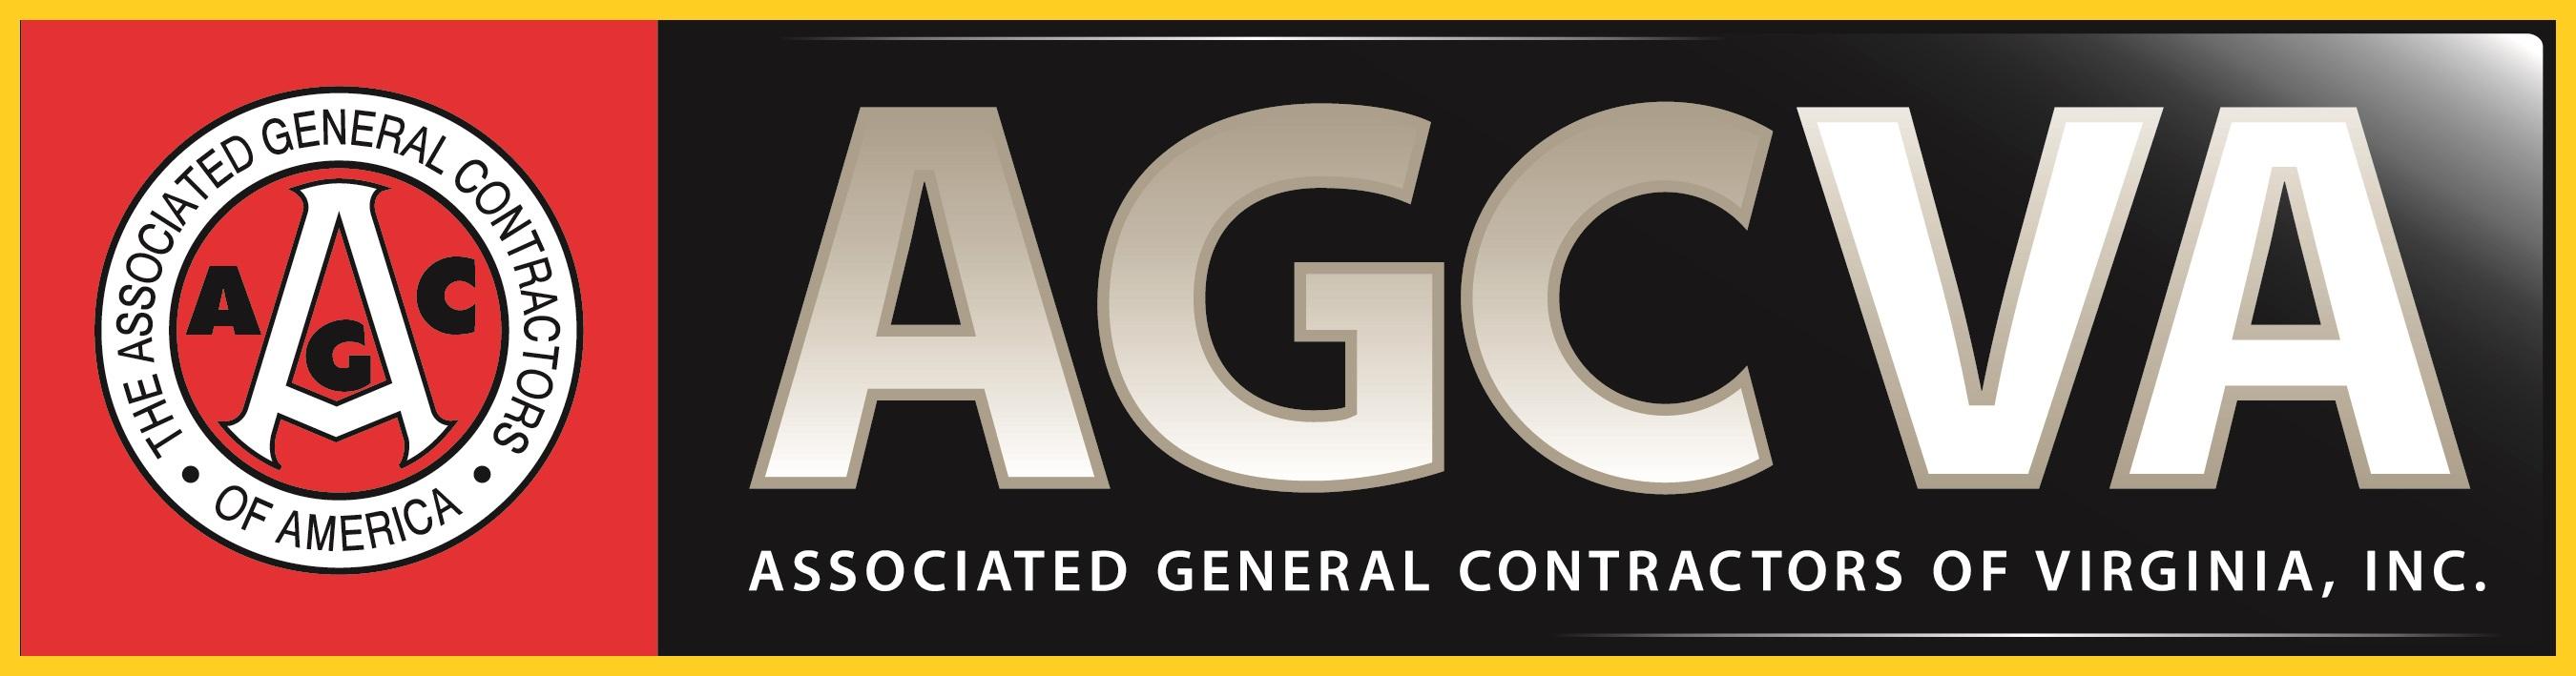 AGCVA logo